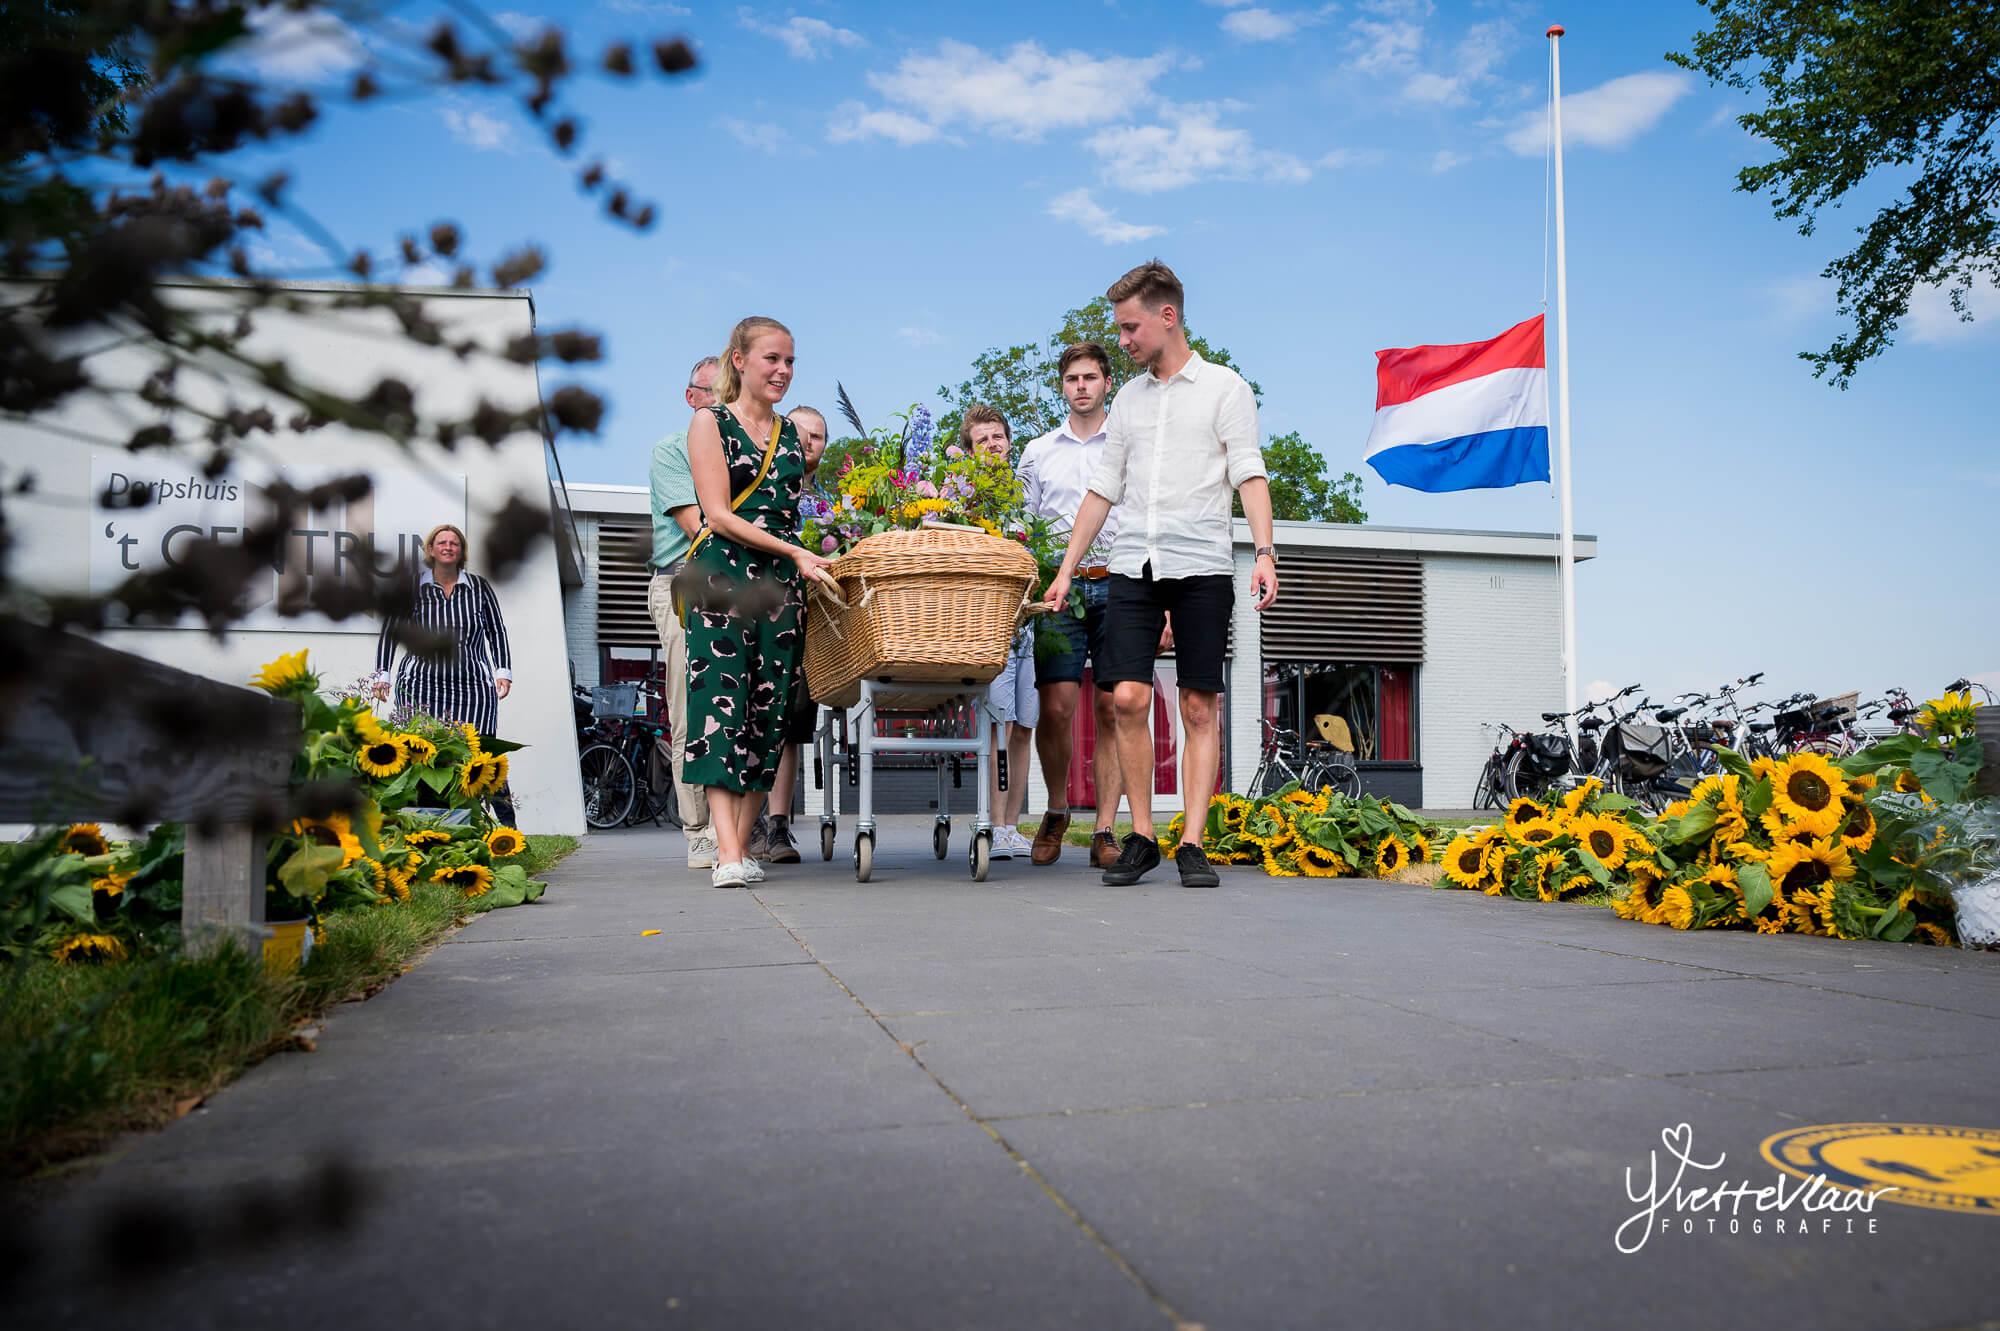 Vlaar-uitvaartfotografie-afscheidsreportage-Noordholland-018